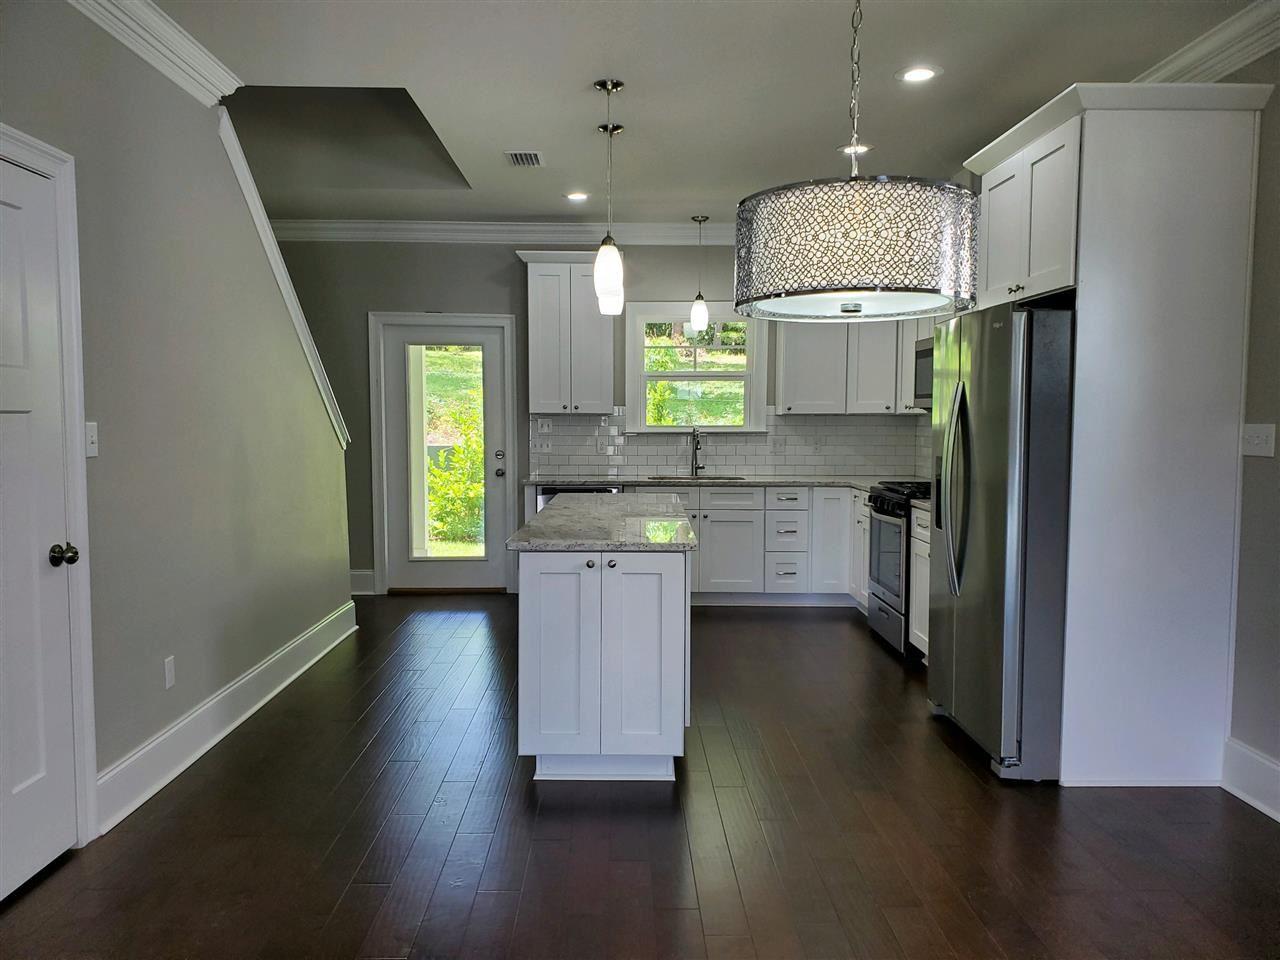 Photo of 112 Tumbling Oak Way, TALLAHASSEE, FL 32308 (MLS # 319334)